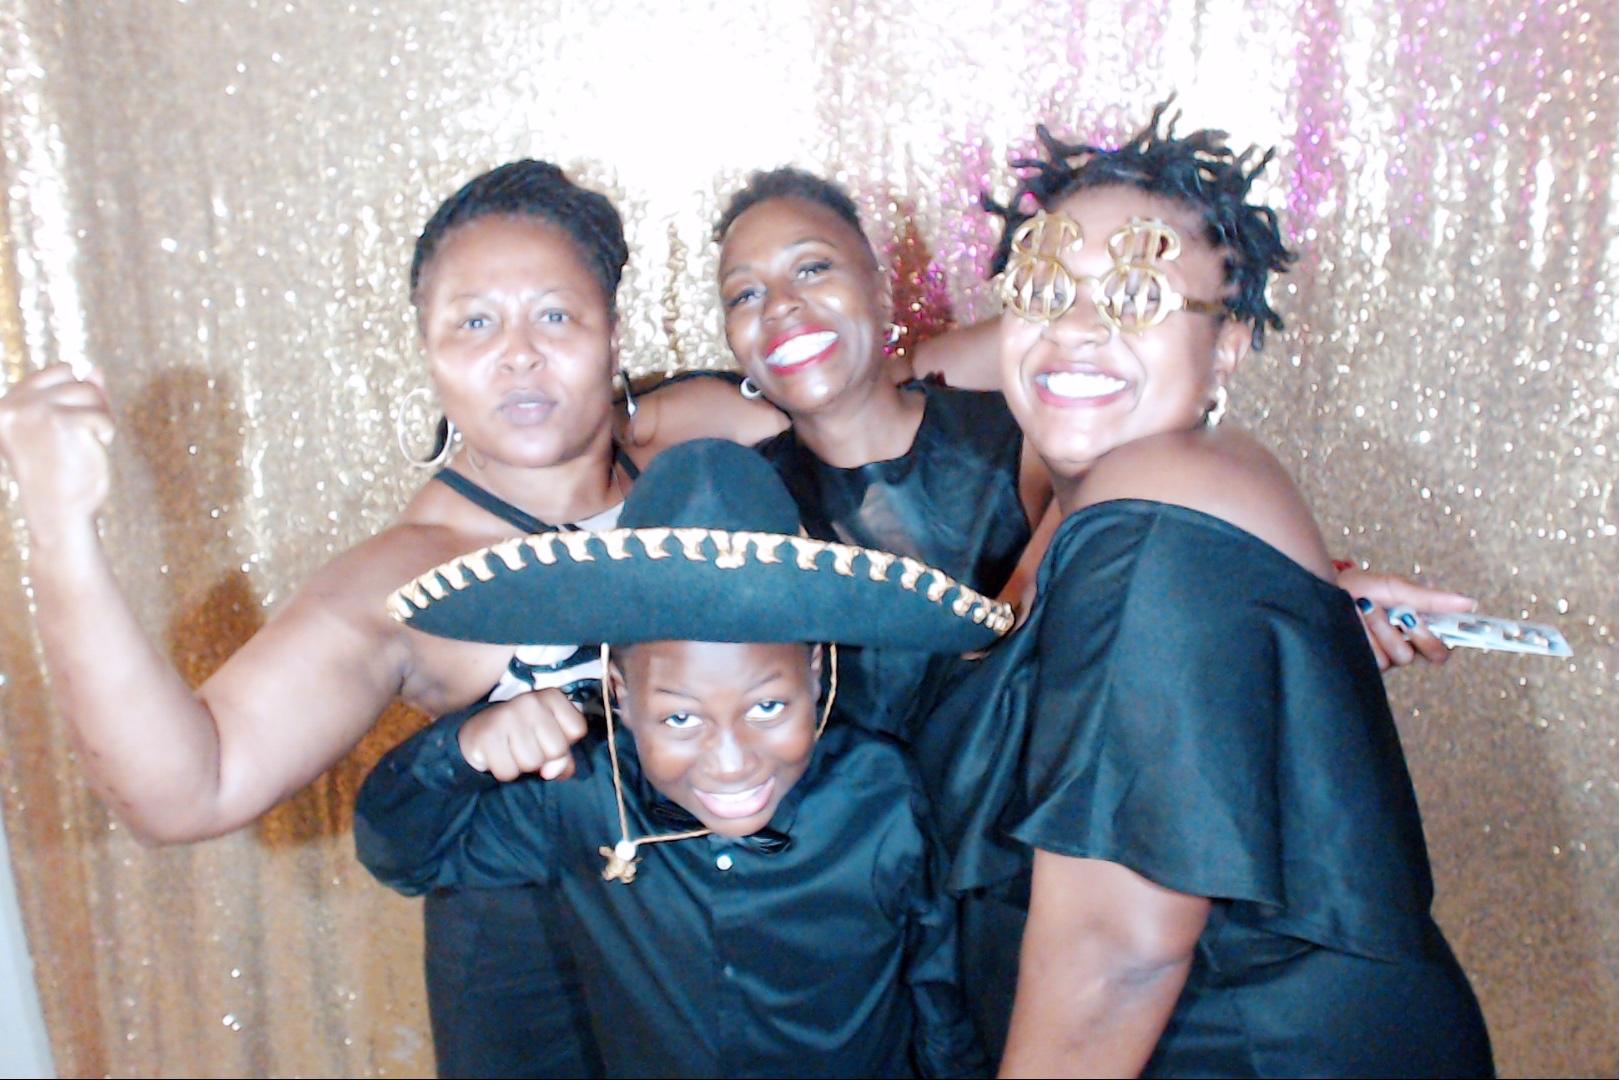 WeddingCancunPhotoBooth0065